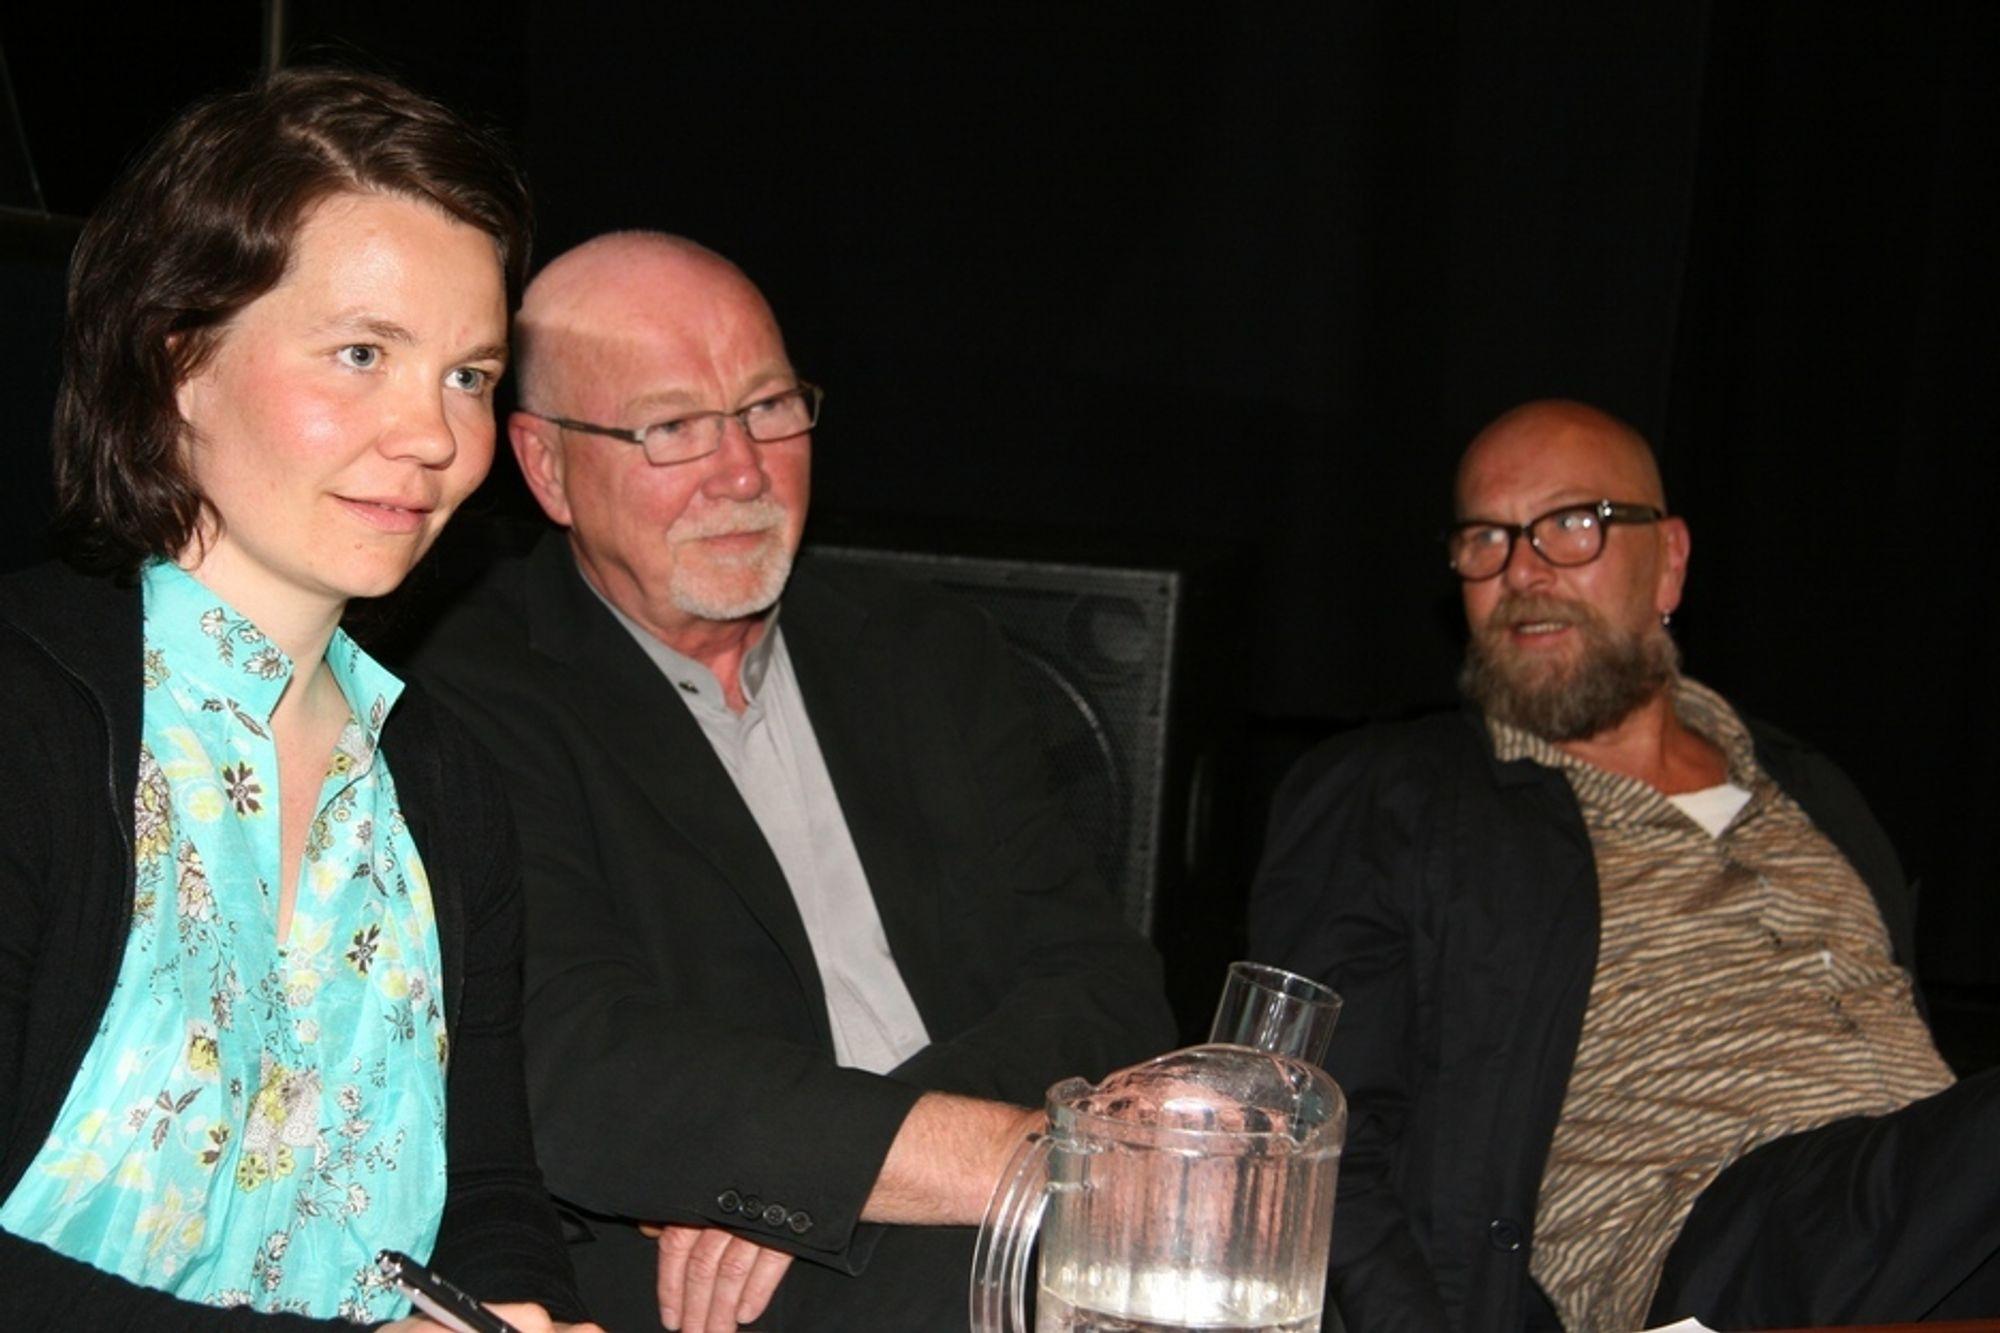 SKEPSIS: Kristin Holte fra Sintef Byggforsk, Tarald Lundevall fra Snøhetta og Olaf Brastad fra Bellona ble møtt av skepsis da de la frem sine ideer om hva som skal til  for å få miljøriktig sanering av utrangerte bygg.